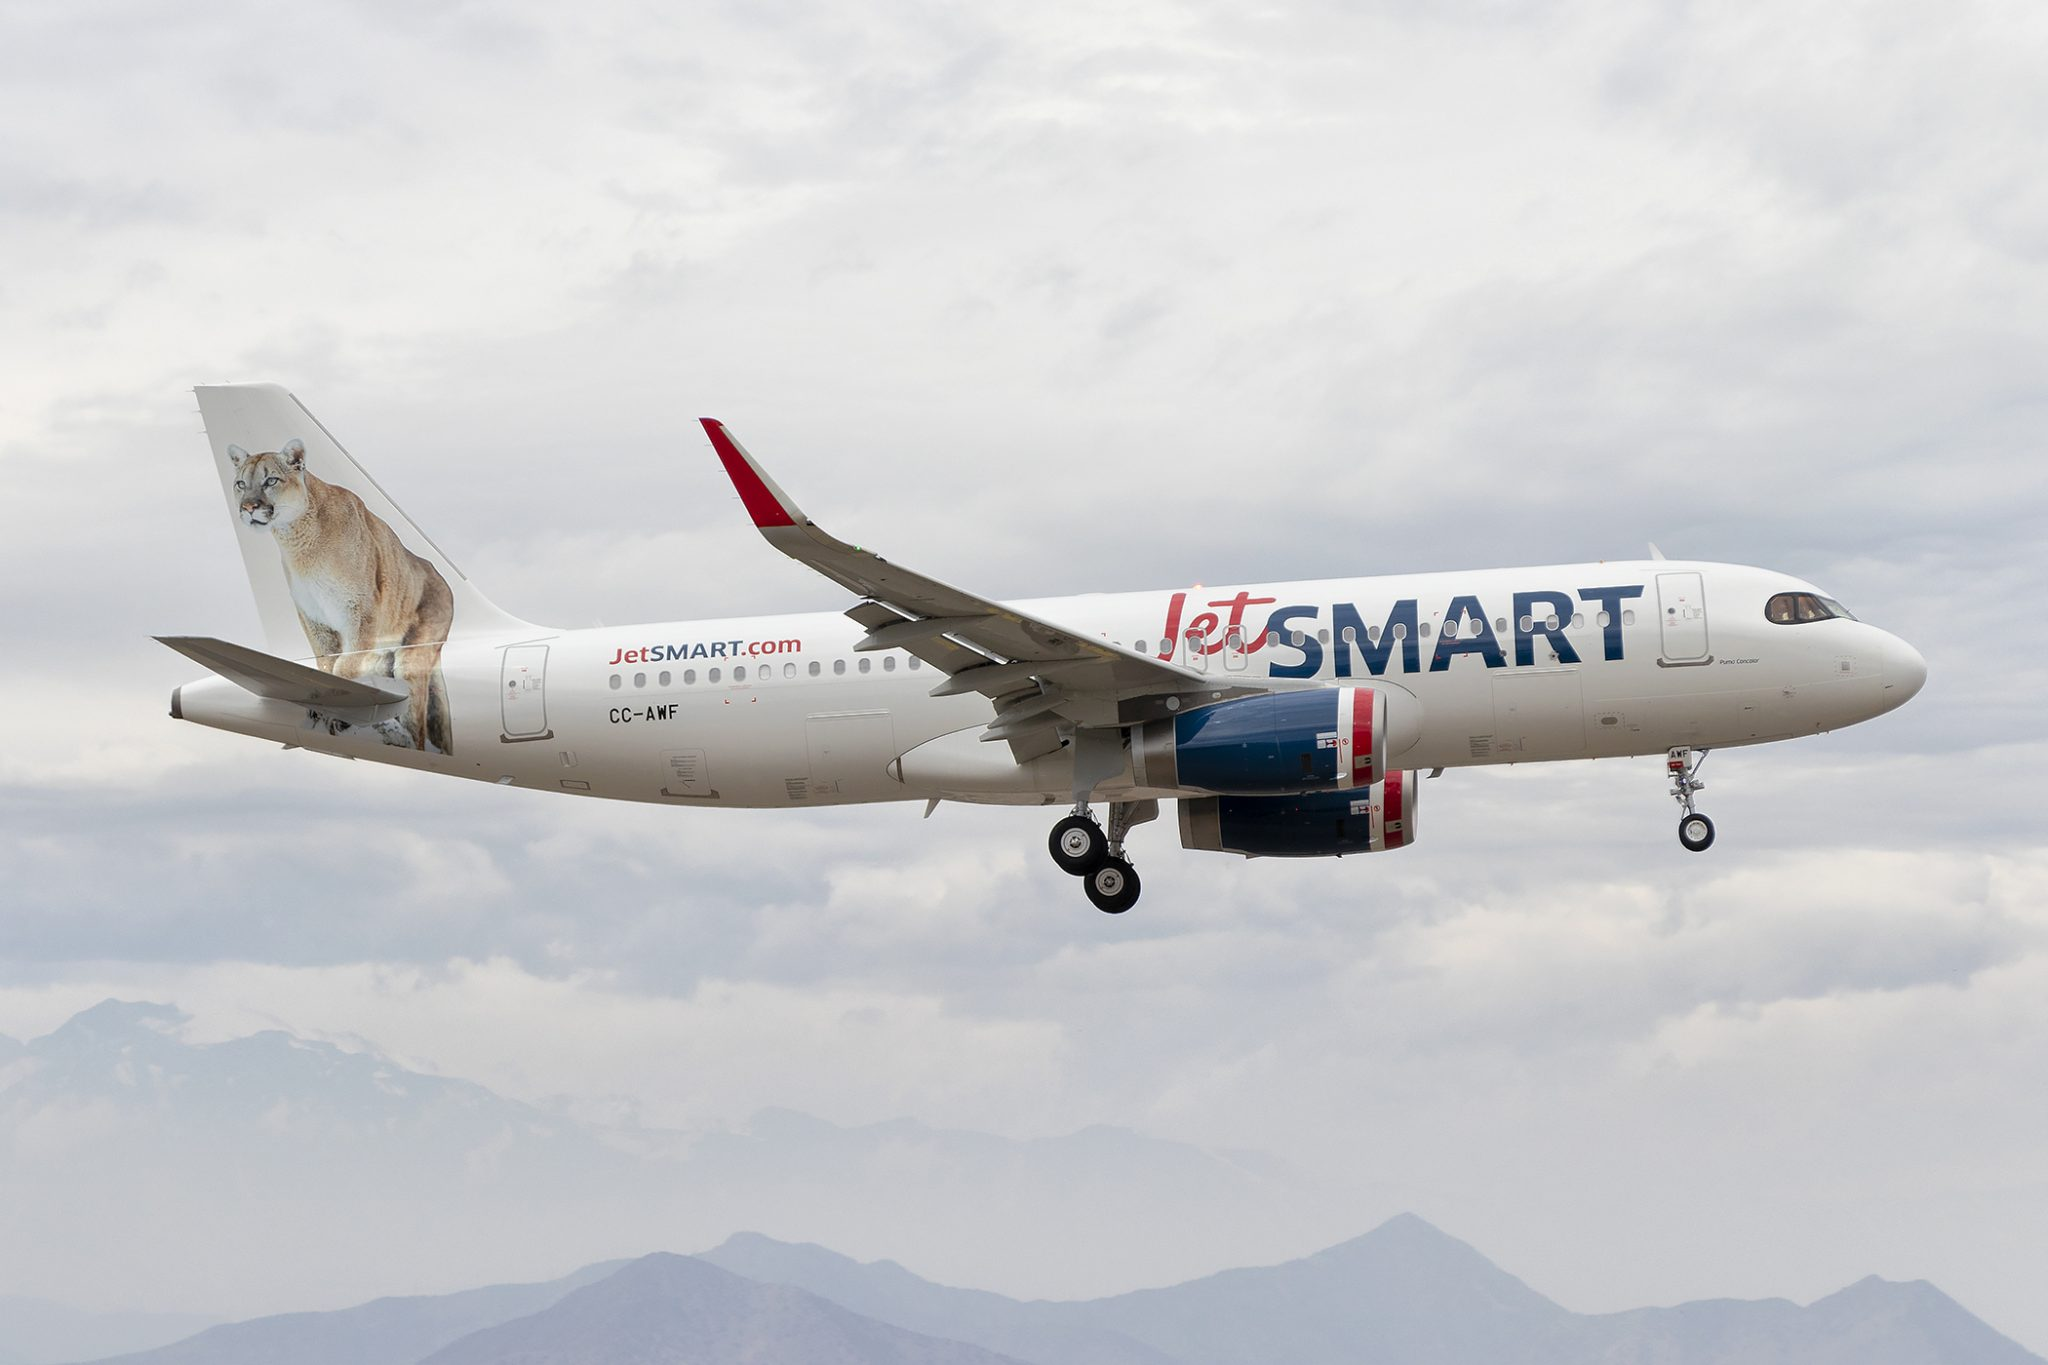 JetSMART transportó un 65% más de pasajeros que el año anterior